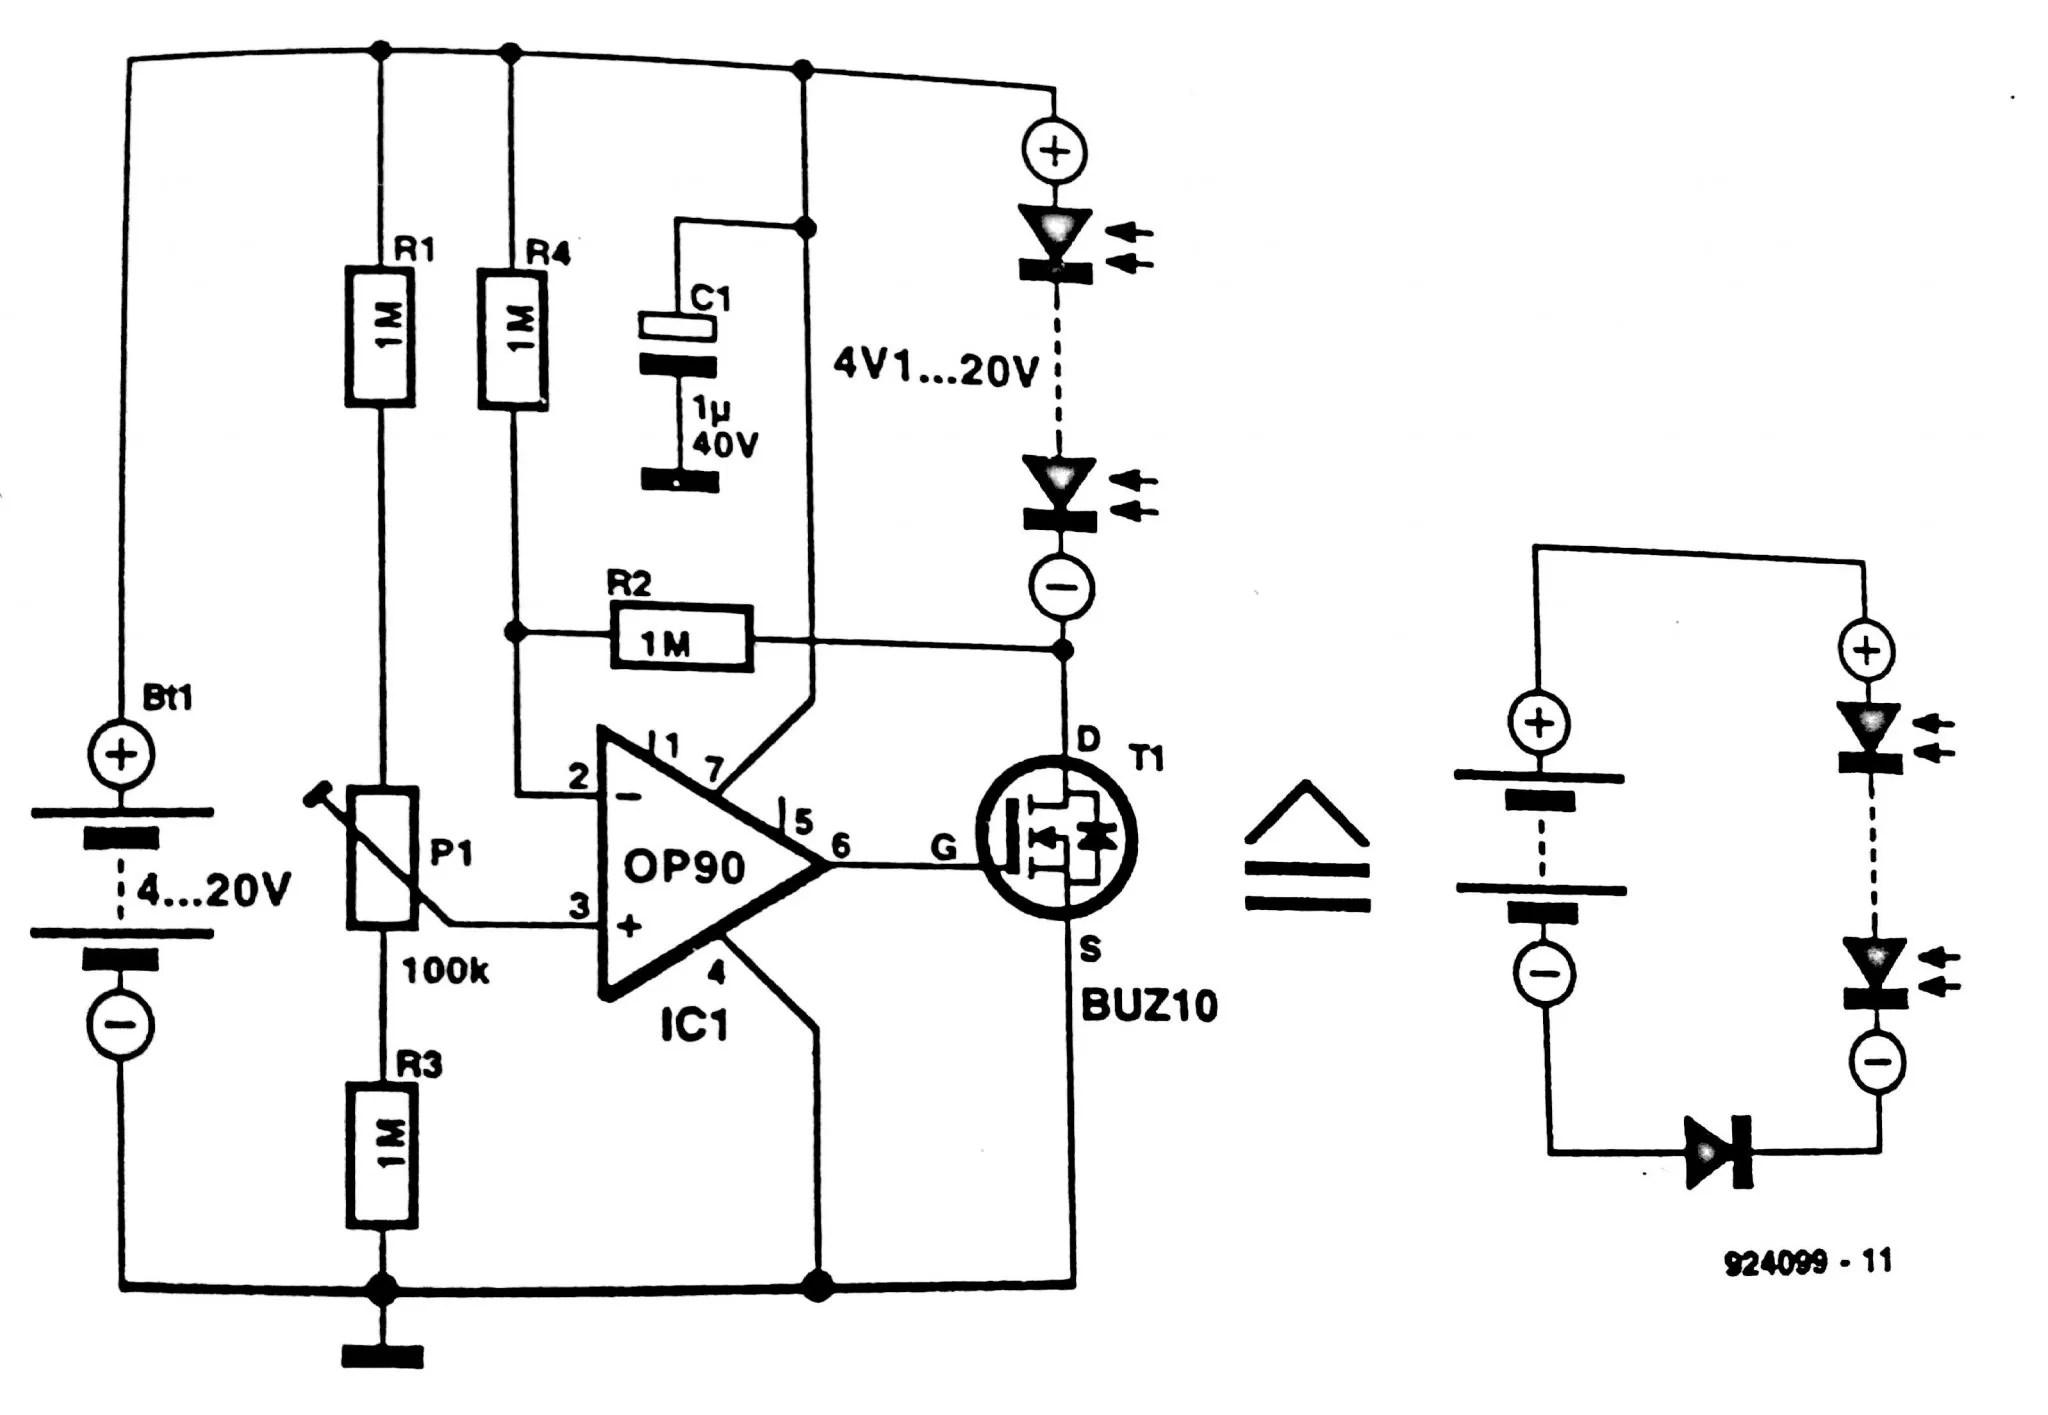 wiring diagram also yamaha zuma harness free yamaha zuma